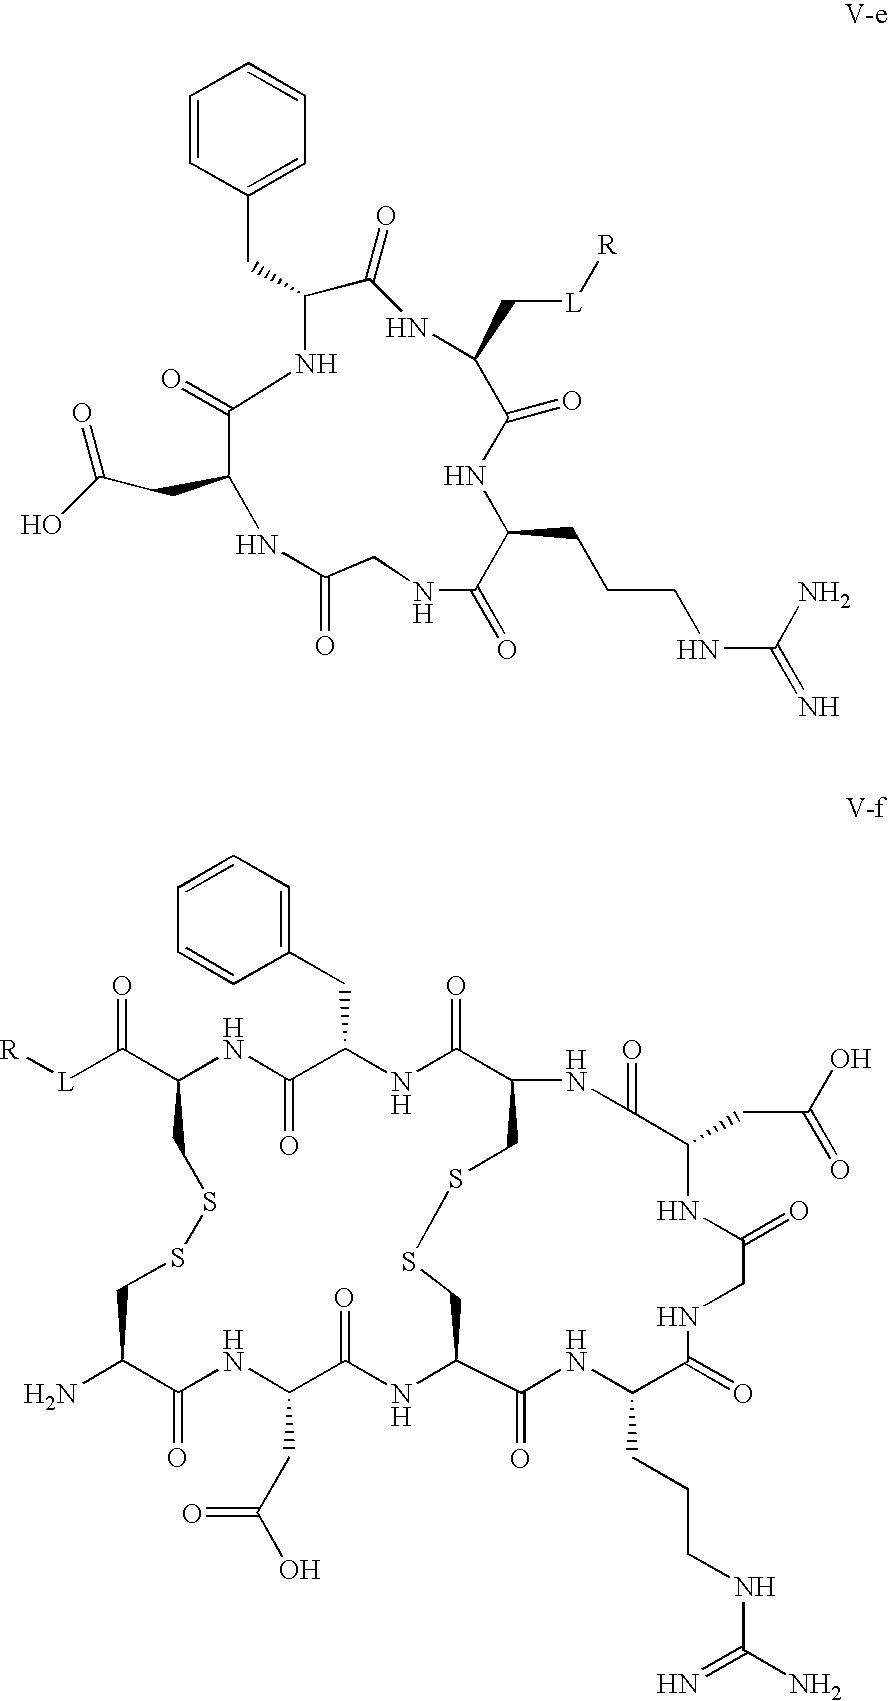 Figure US20090110662A1-20090430-C00018